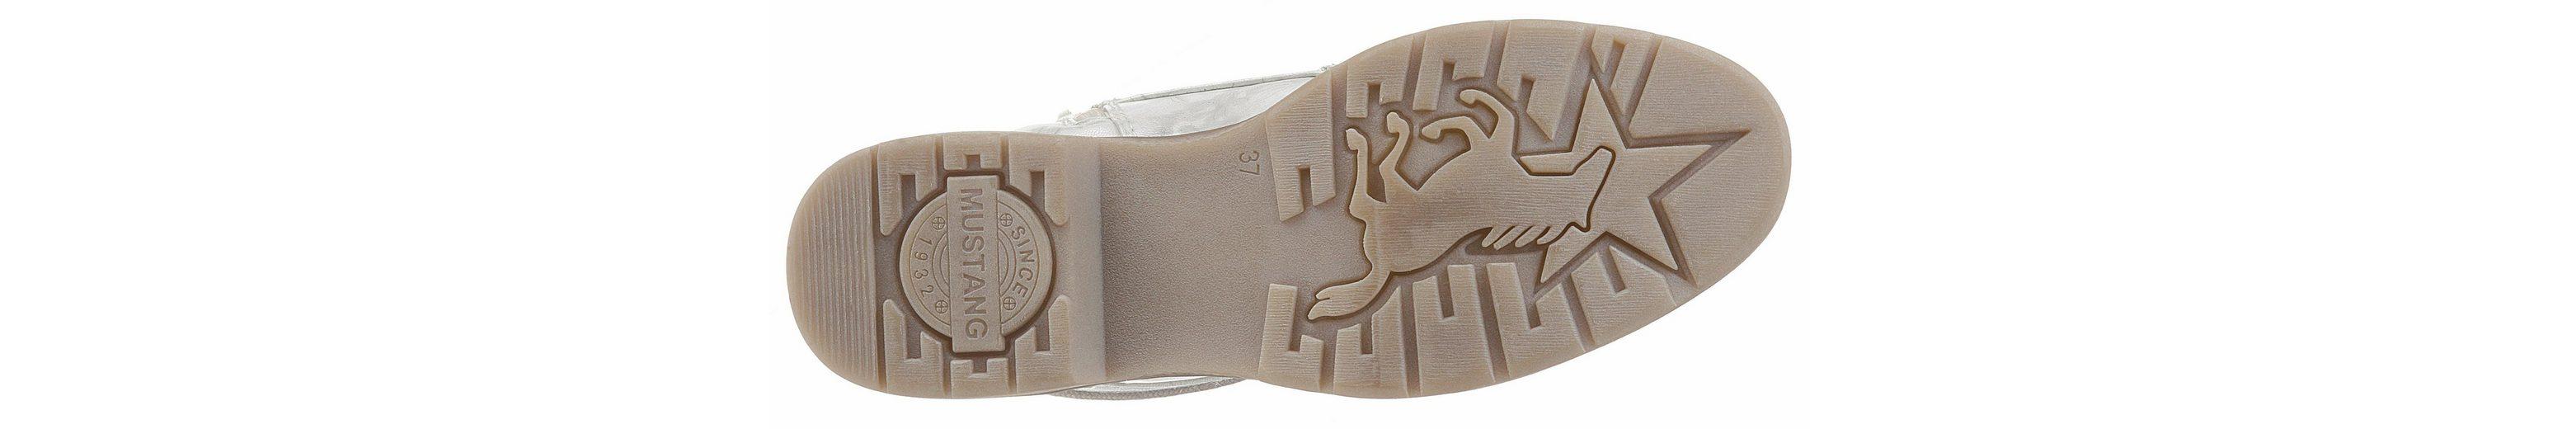 Mustang Shoes Schnürstiefelette, mit zartem Metallic-Schimmer